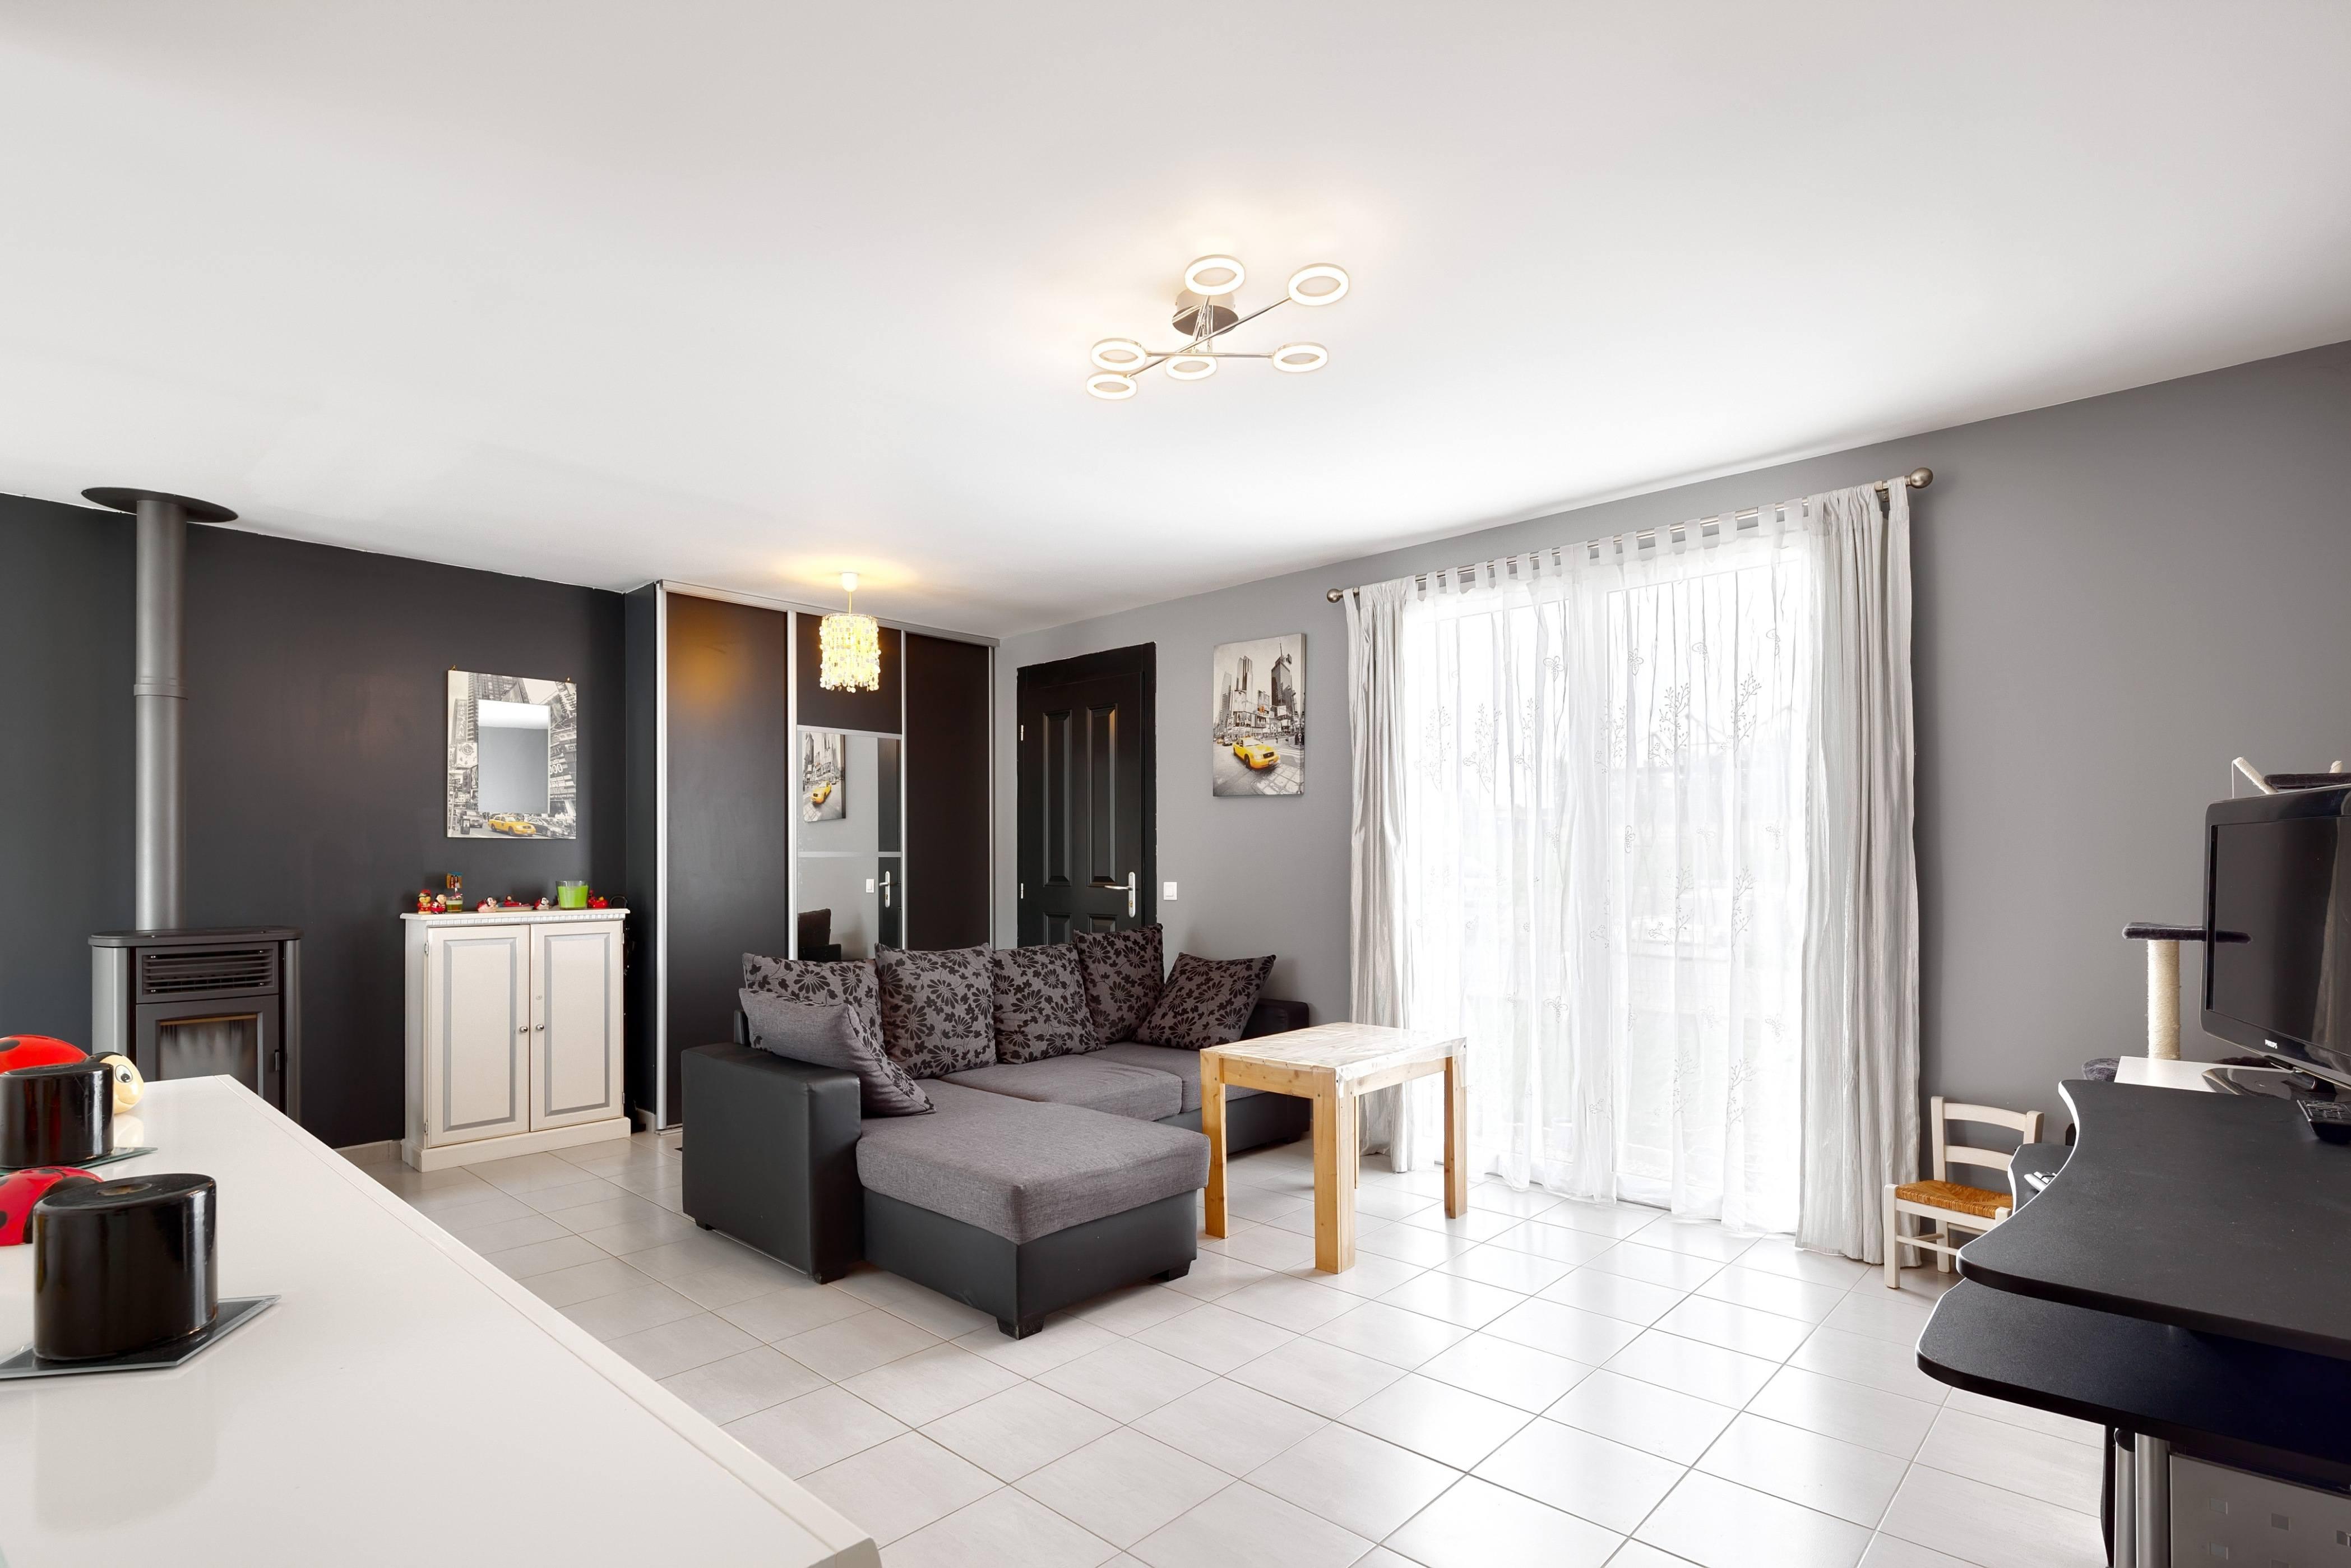 Maisons + Terrains du constructeur MAISONS PHENIX • 110 m² • MANSIGNE